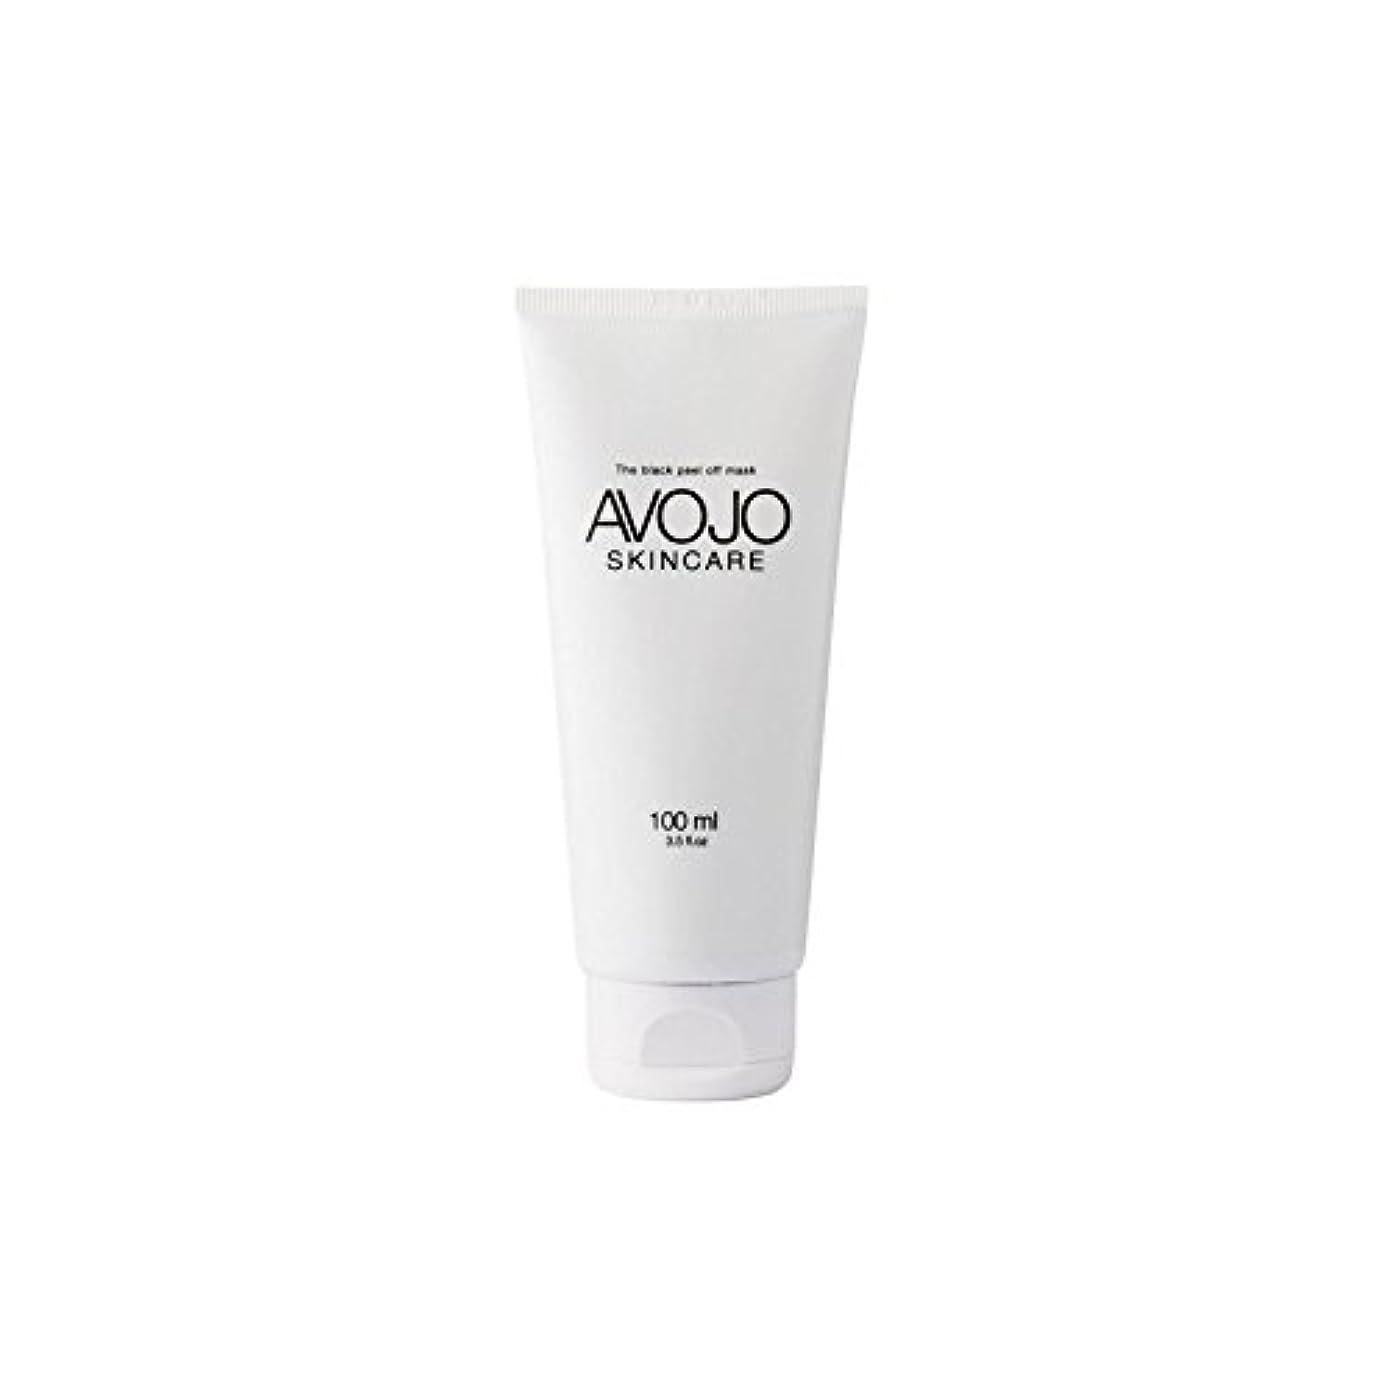 将来の電圧事務所- 黒皮オフマスク - (ボトル100ミリリットル) x4 - Avojo - The Black Peel Off Mask - (Bottle 100ml) (Pack of 4) [並行輸入品]